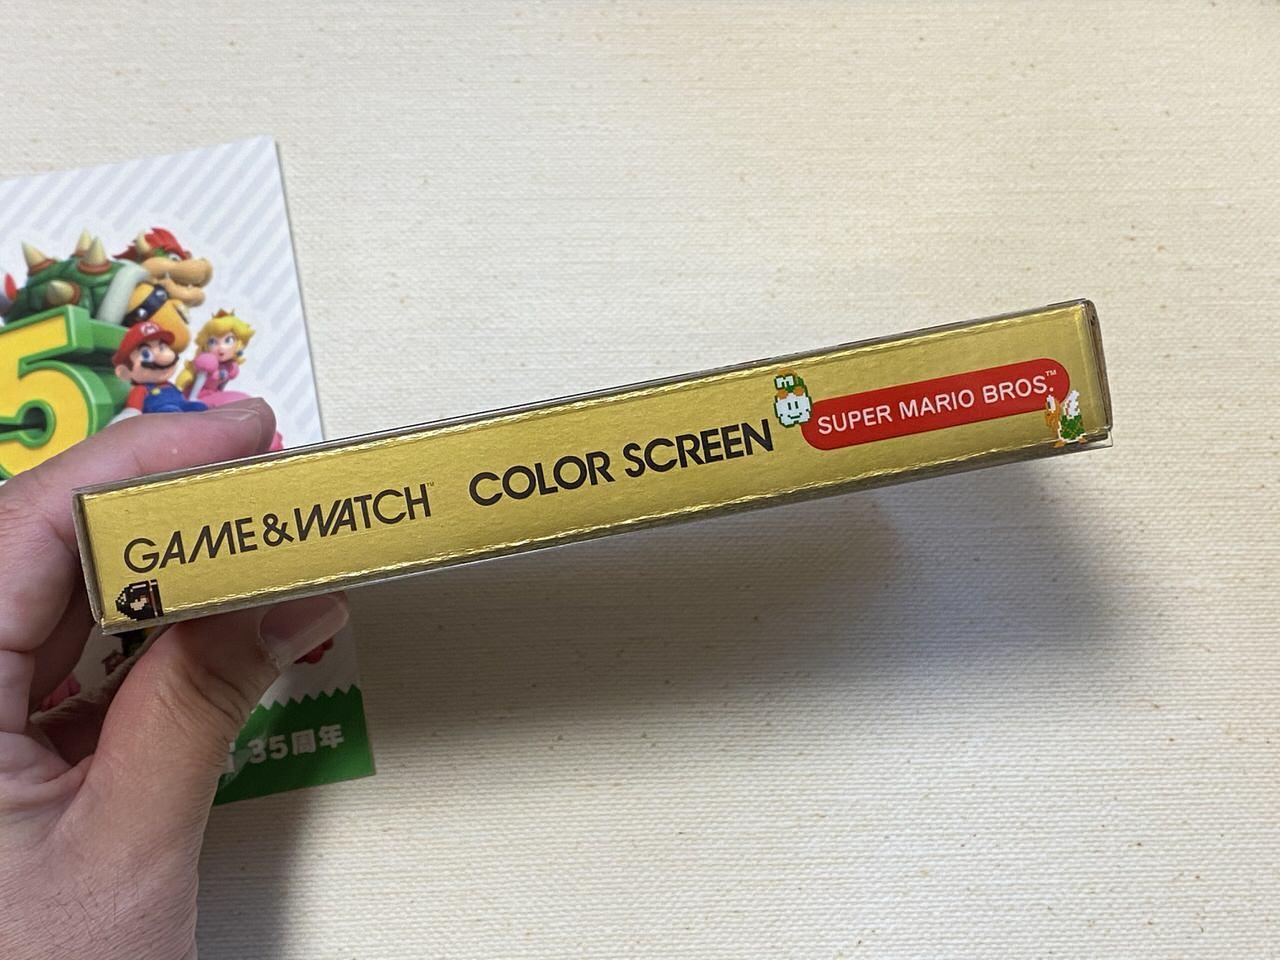 ゲーム&ウオッチ スーパーマリオブラザーズ 35th 202011 05